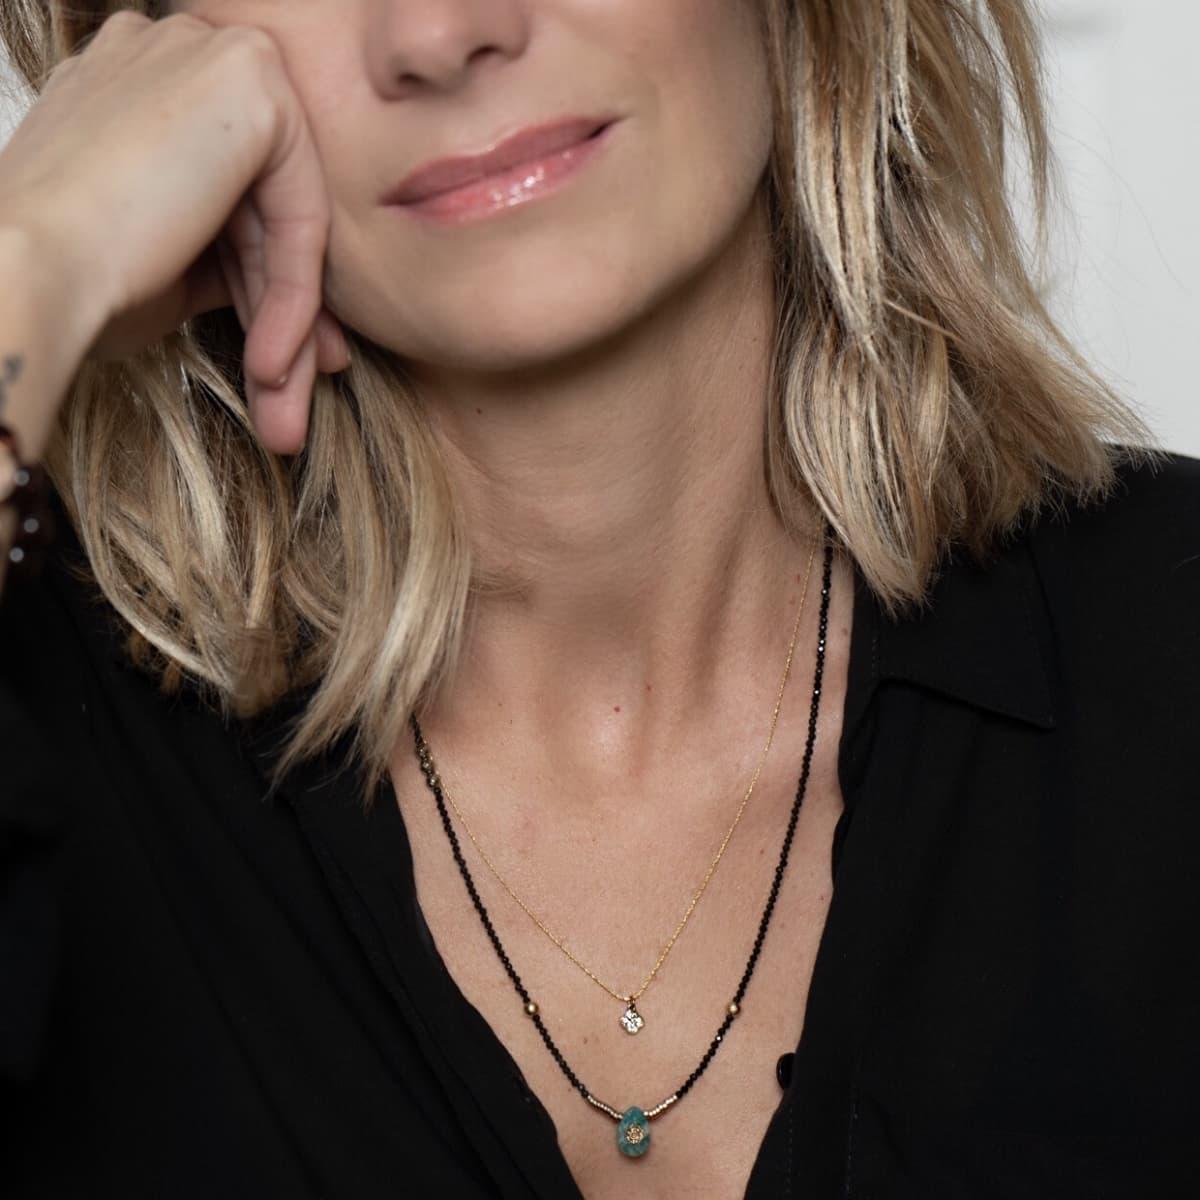 collier femme  Adèle Trèfle porté